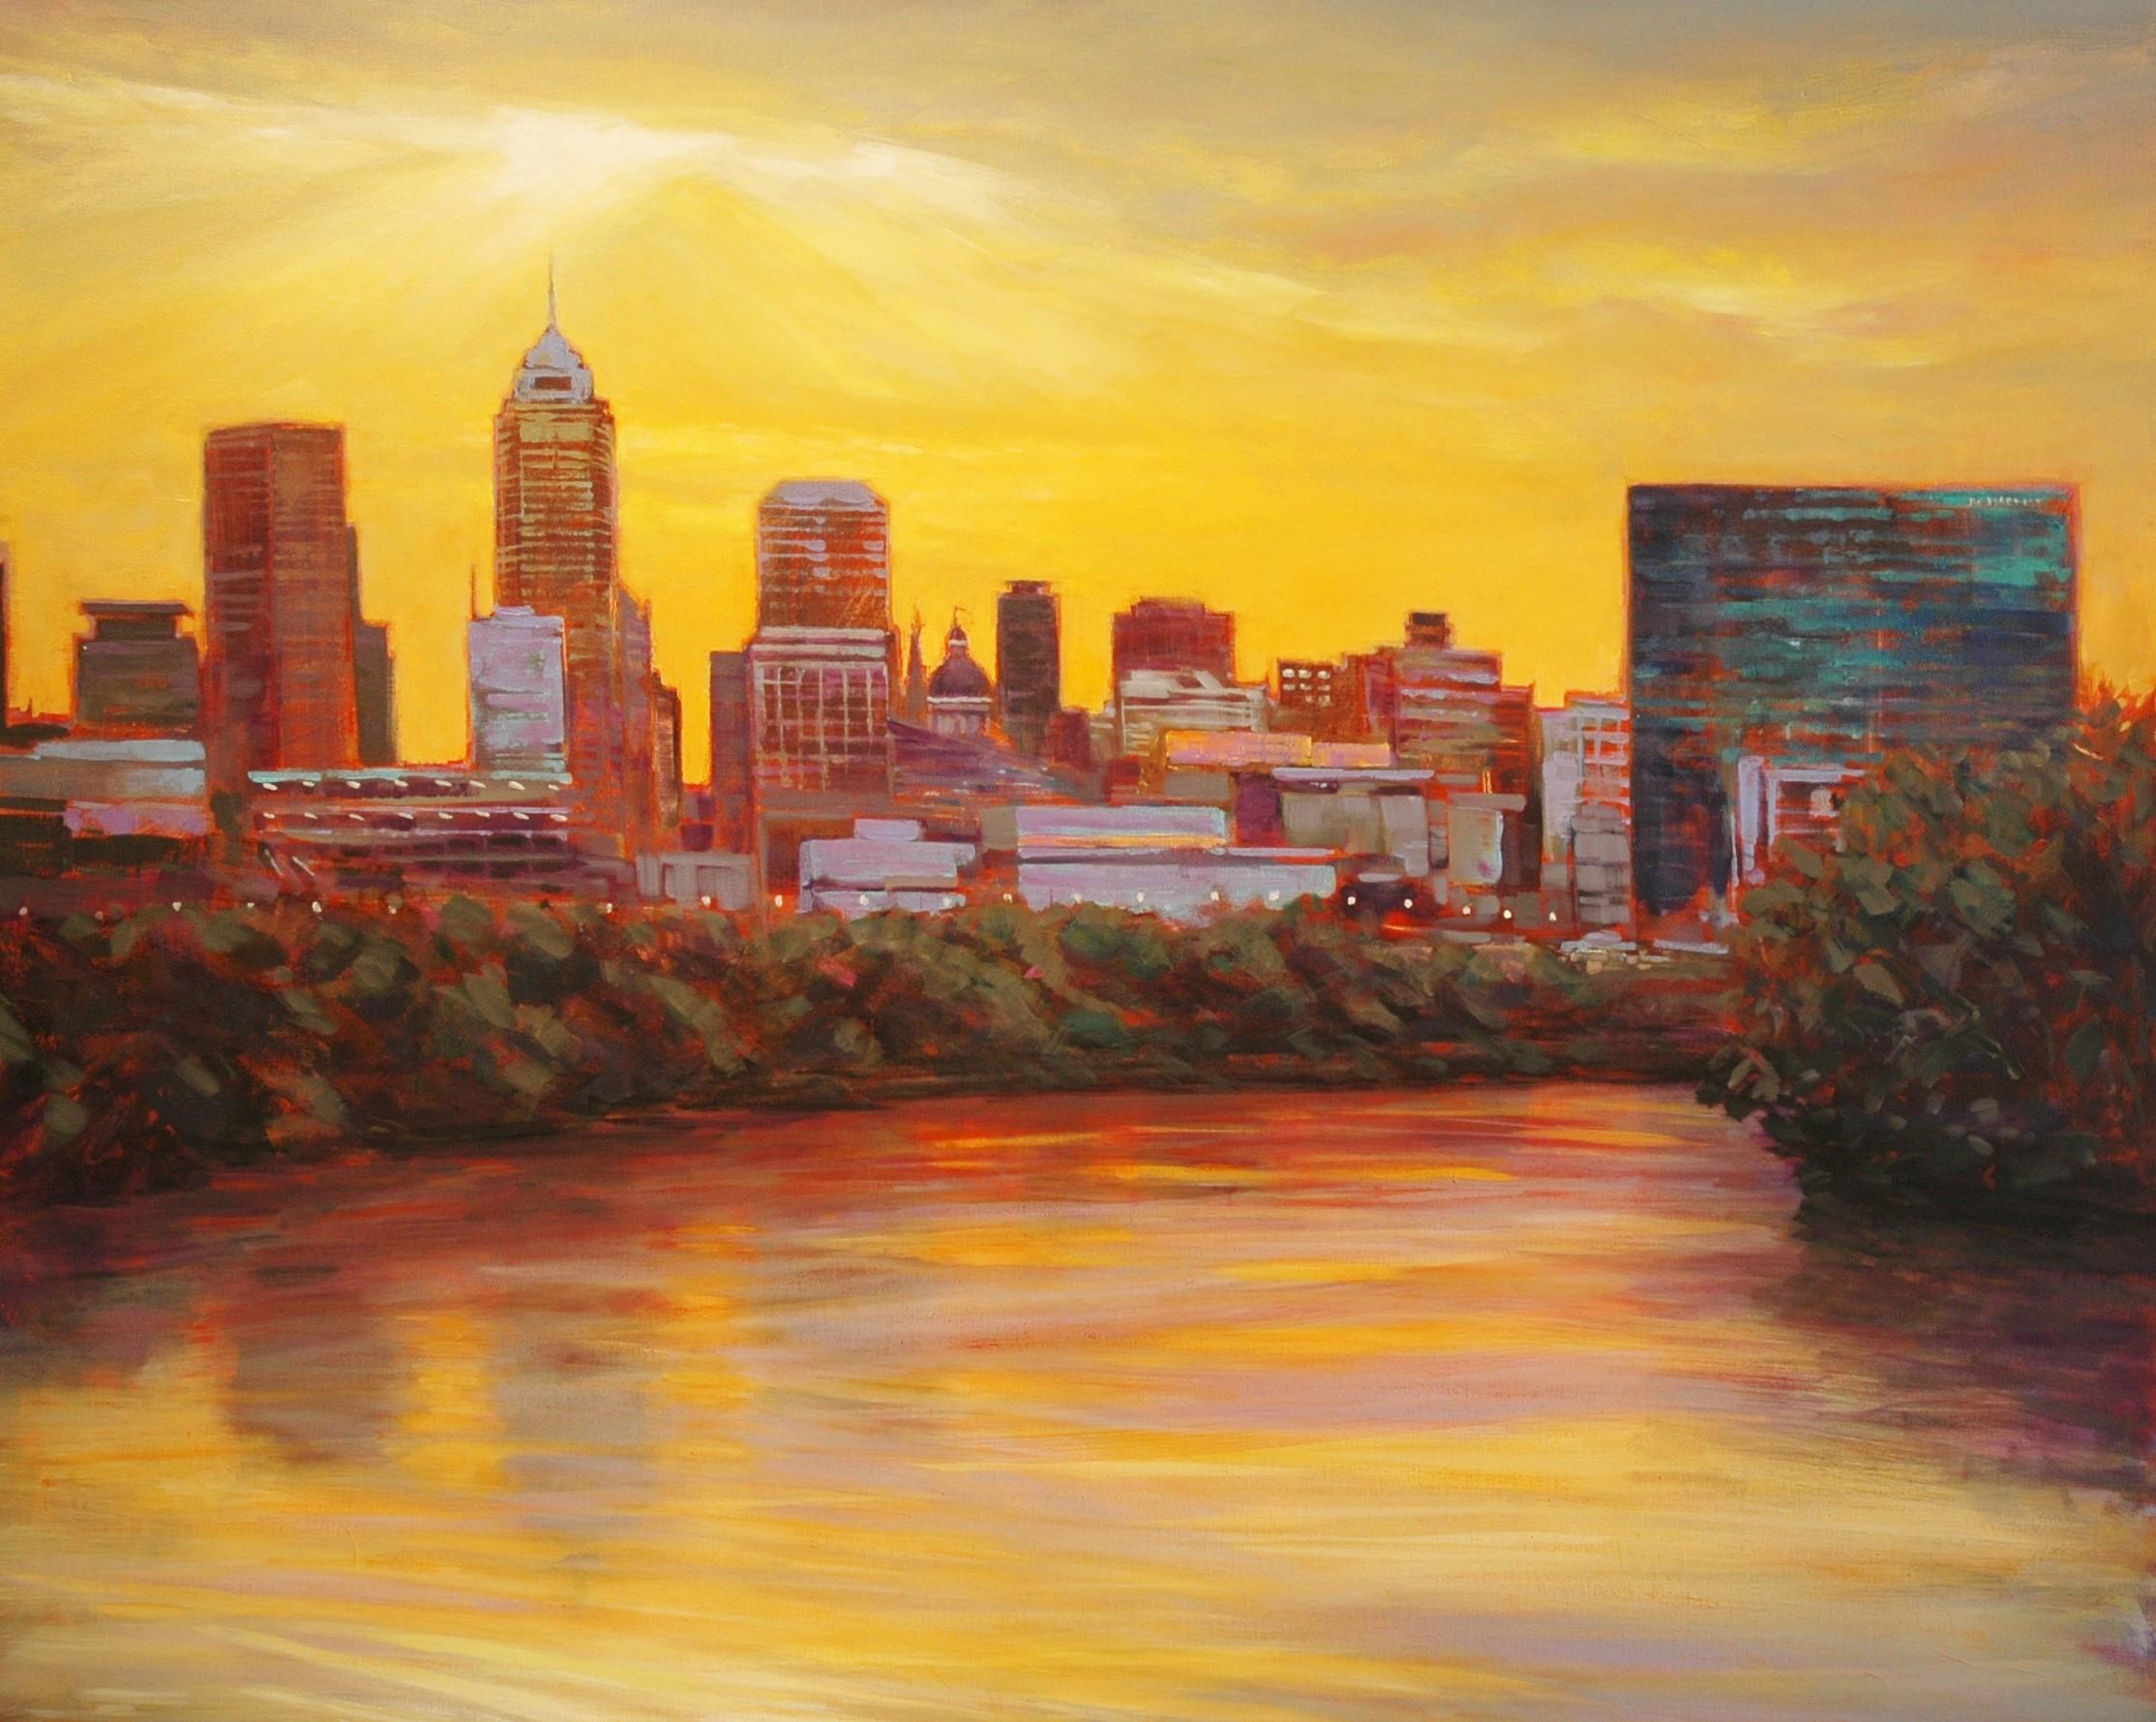 19 - HCA 2016 - River View - 48x60